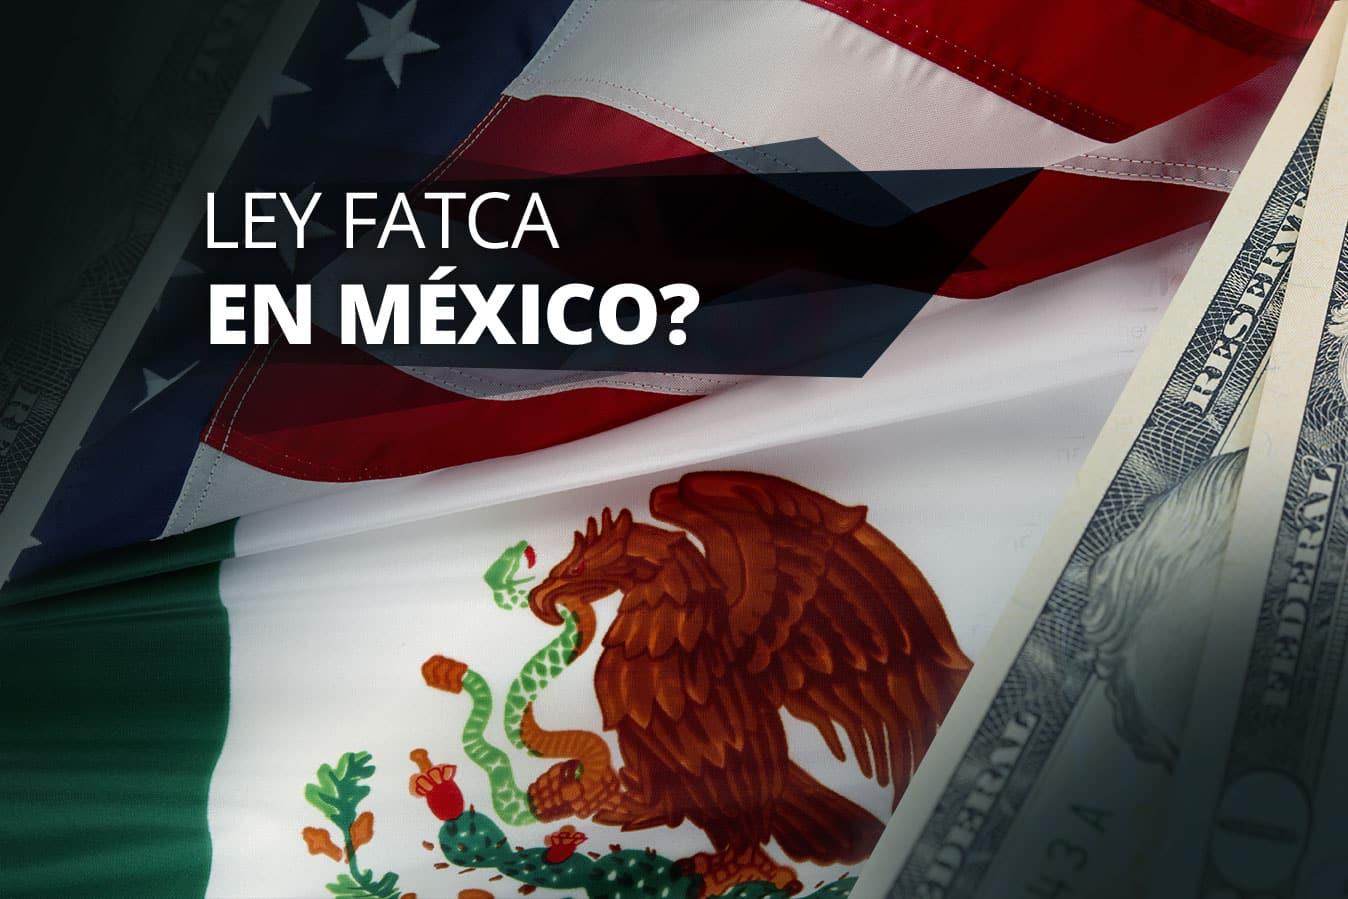 Ley FATCA Por sus siglas en inglés ley de cumplimiento fiscal de cuentas en el extranjero, promulgada como ley en los Estados Unidos de América